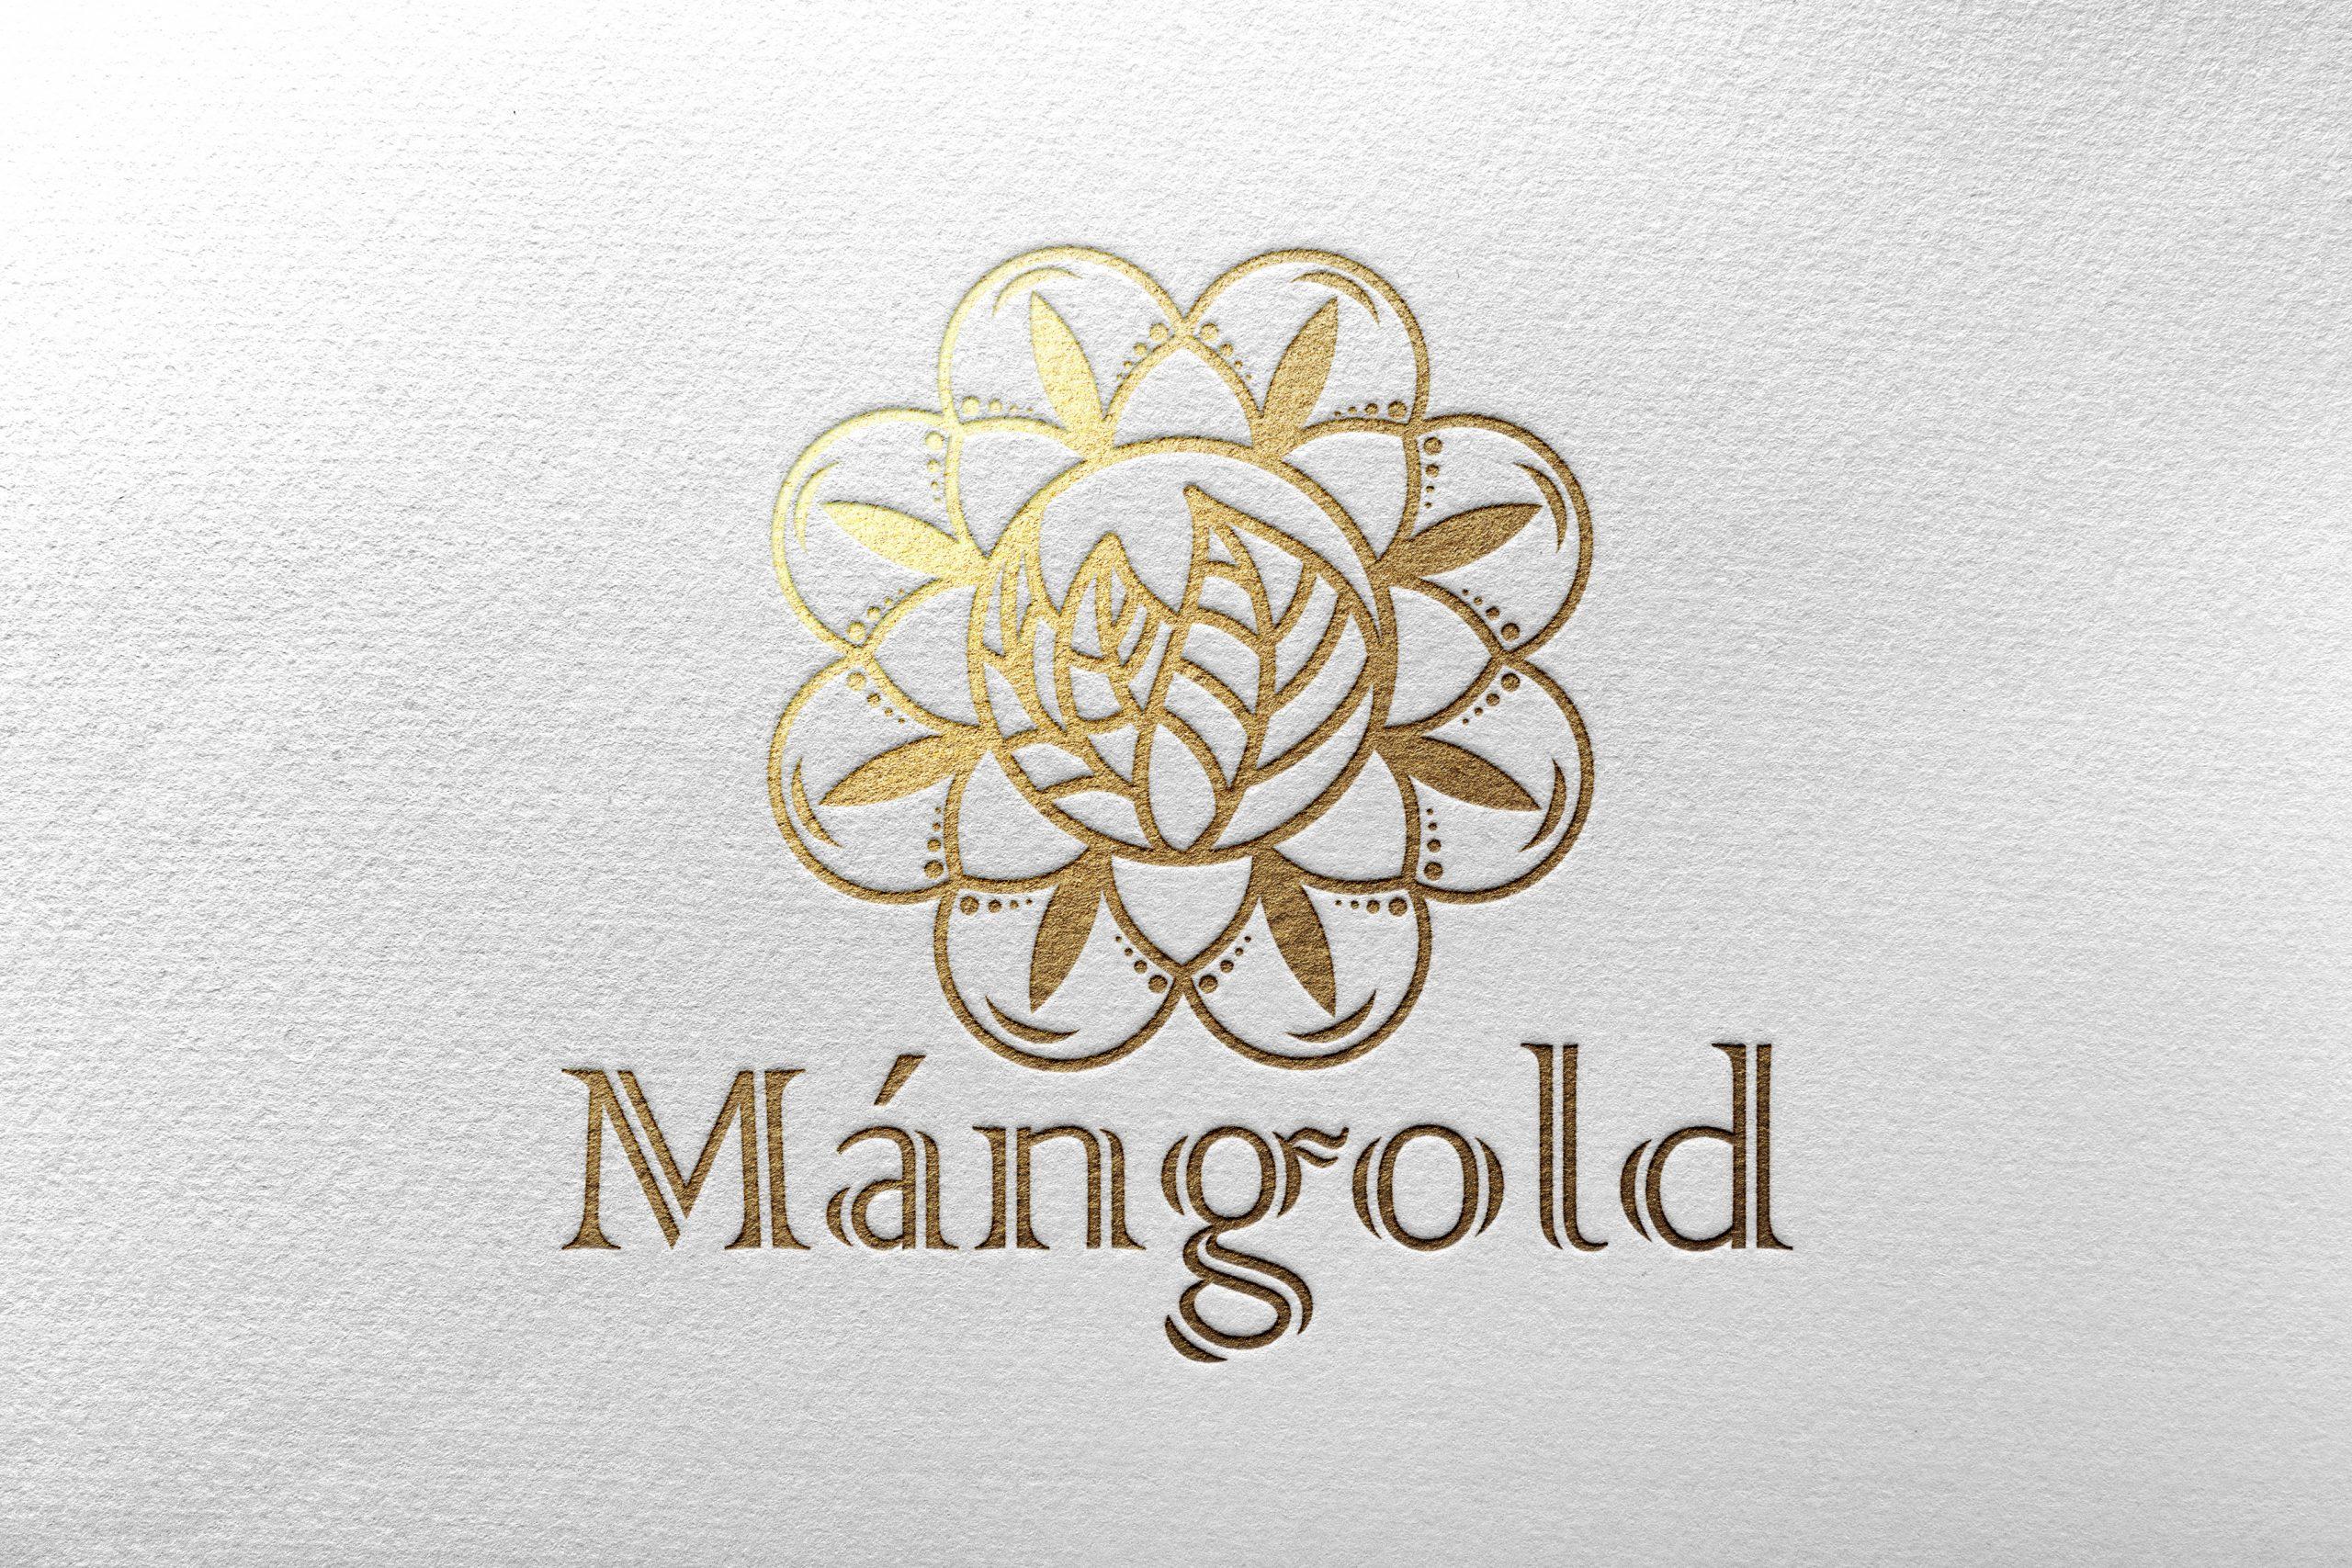 Gluténmentes étterem logója